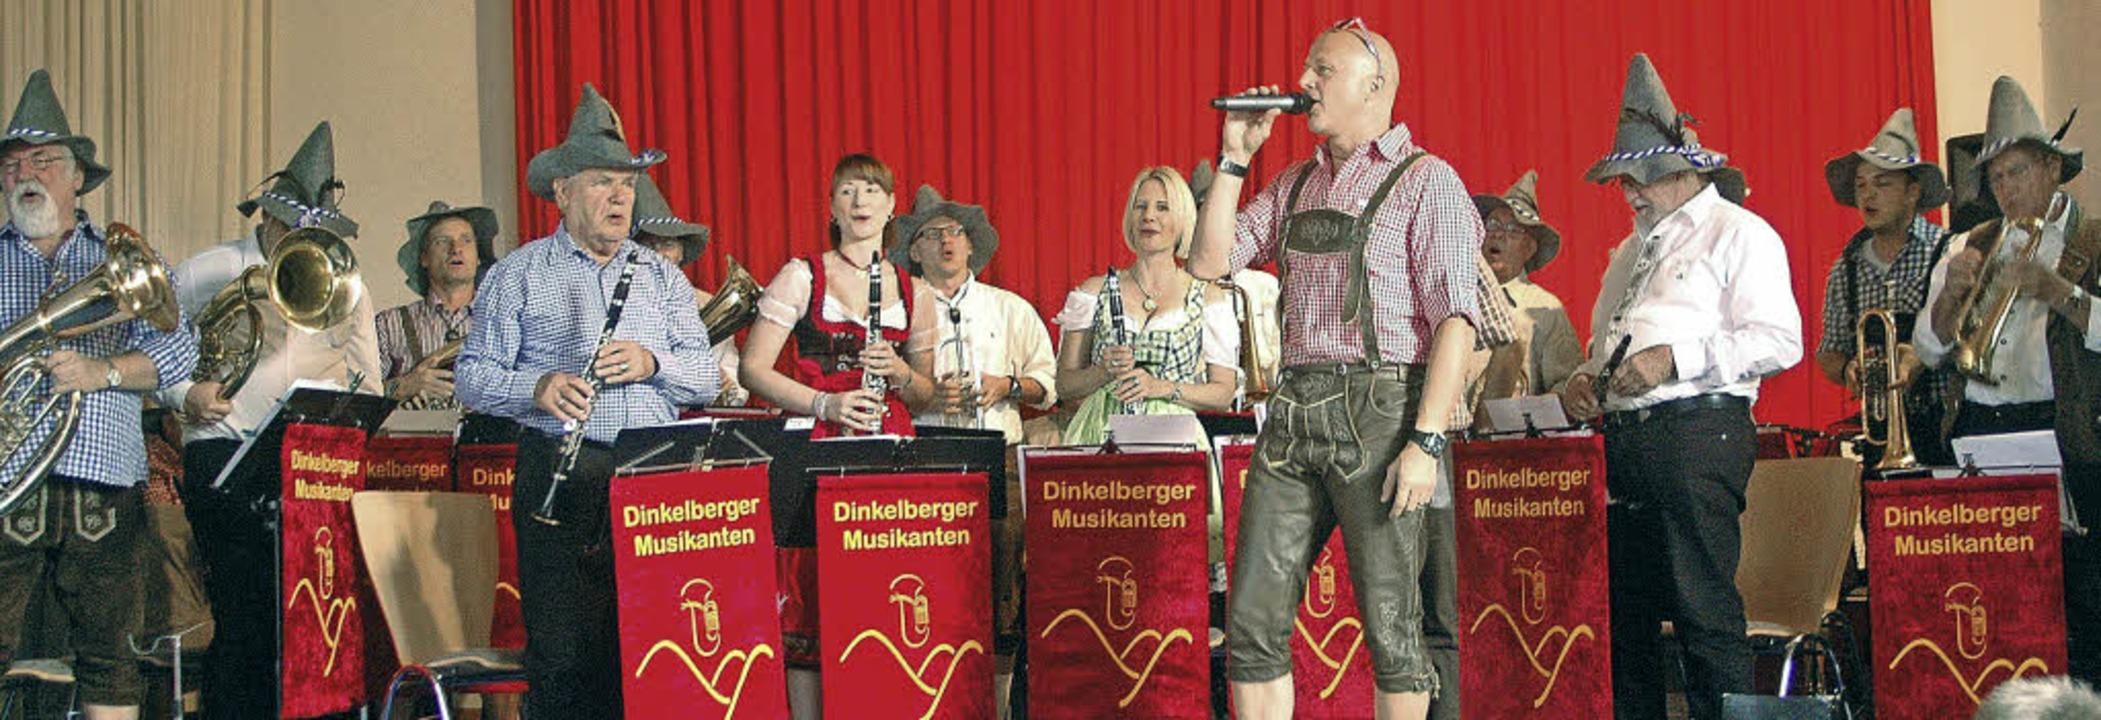 Premiere mit neuen Filzhüten, die sie ...ten sich die Dinkelberger Musikanten.   | Foto: Vera Winter